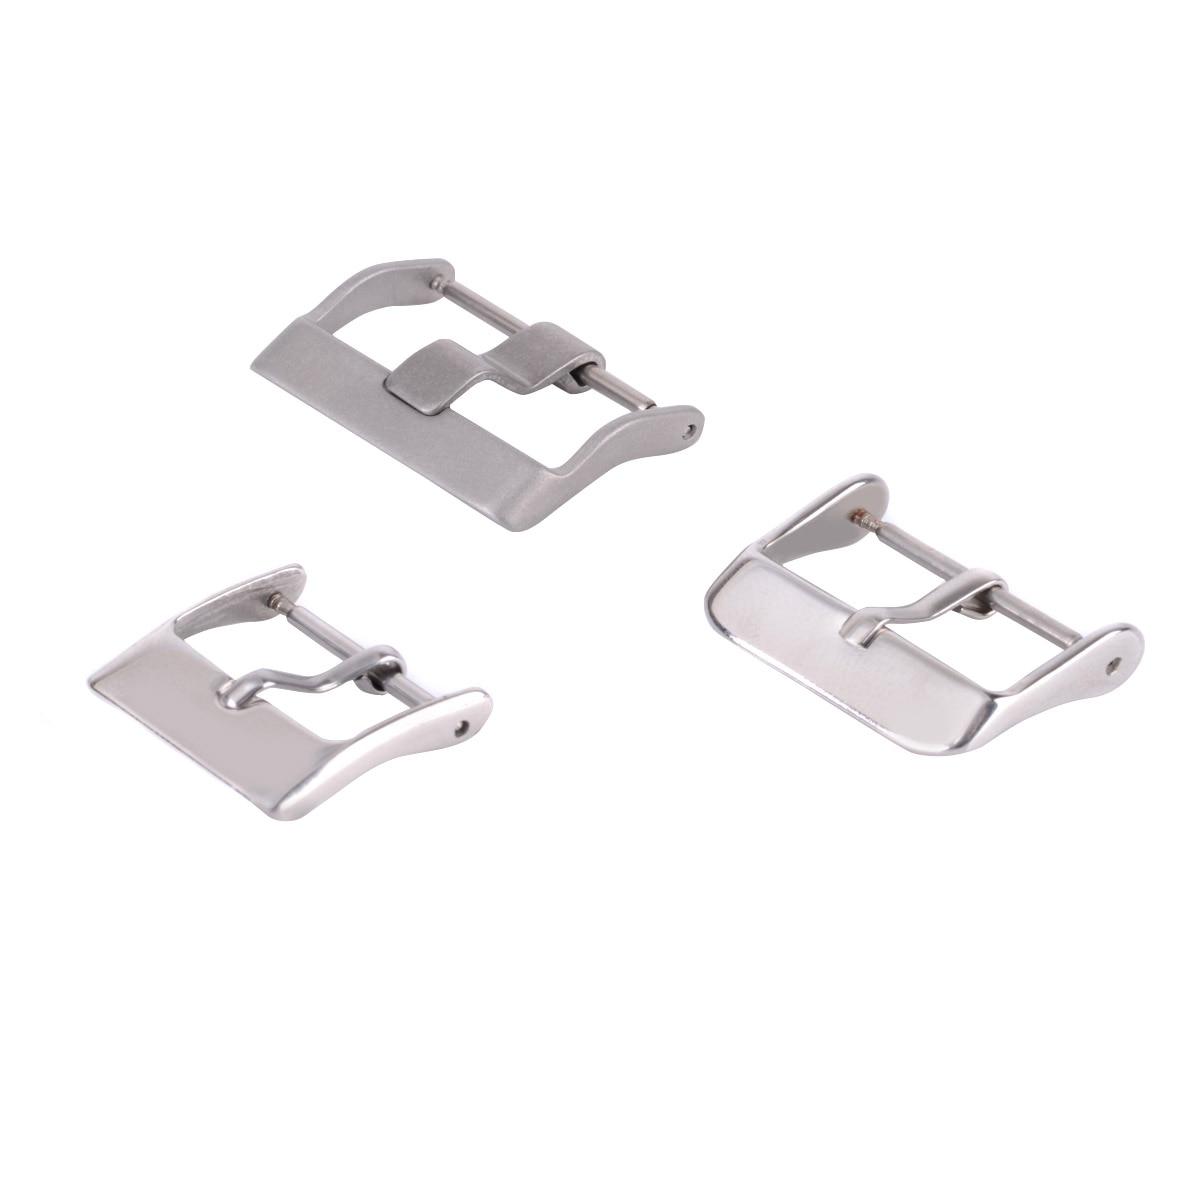 10 stks 18mm / 20mm / 22mm Rvs Vierkante Sluiting Strap Voor Horlogebanden Gespen decoratie DIY Accessoire horlogeband Sluiting